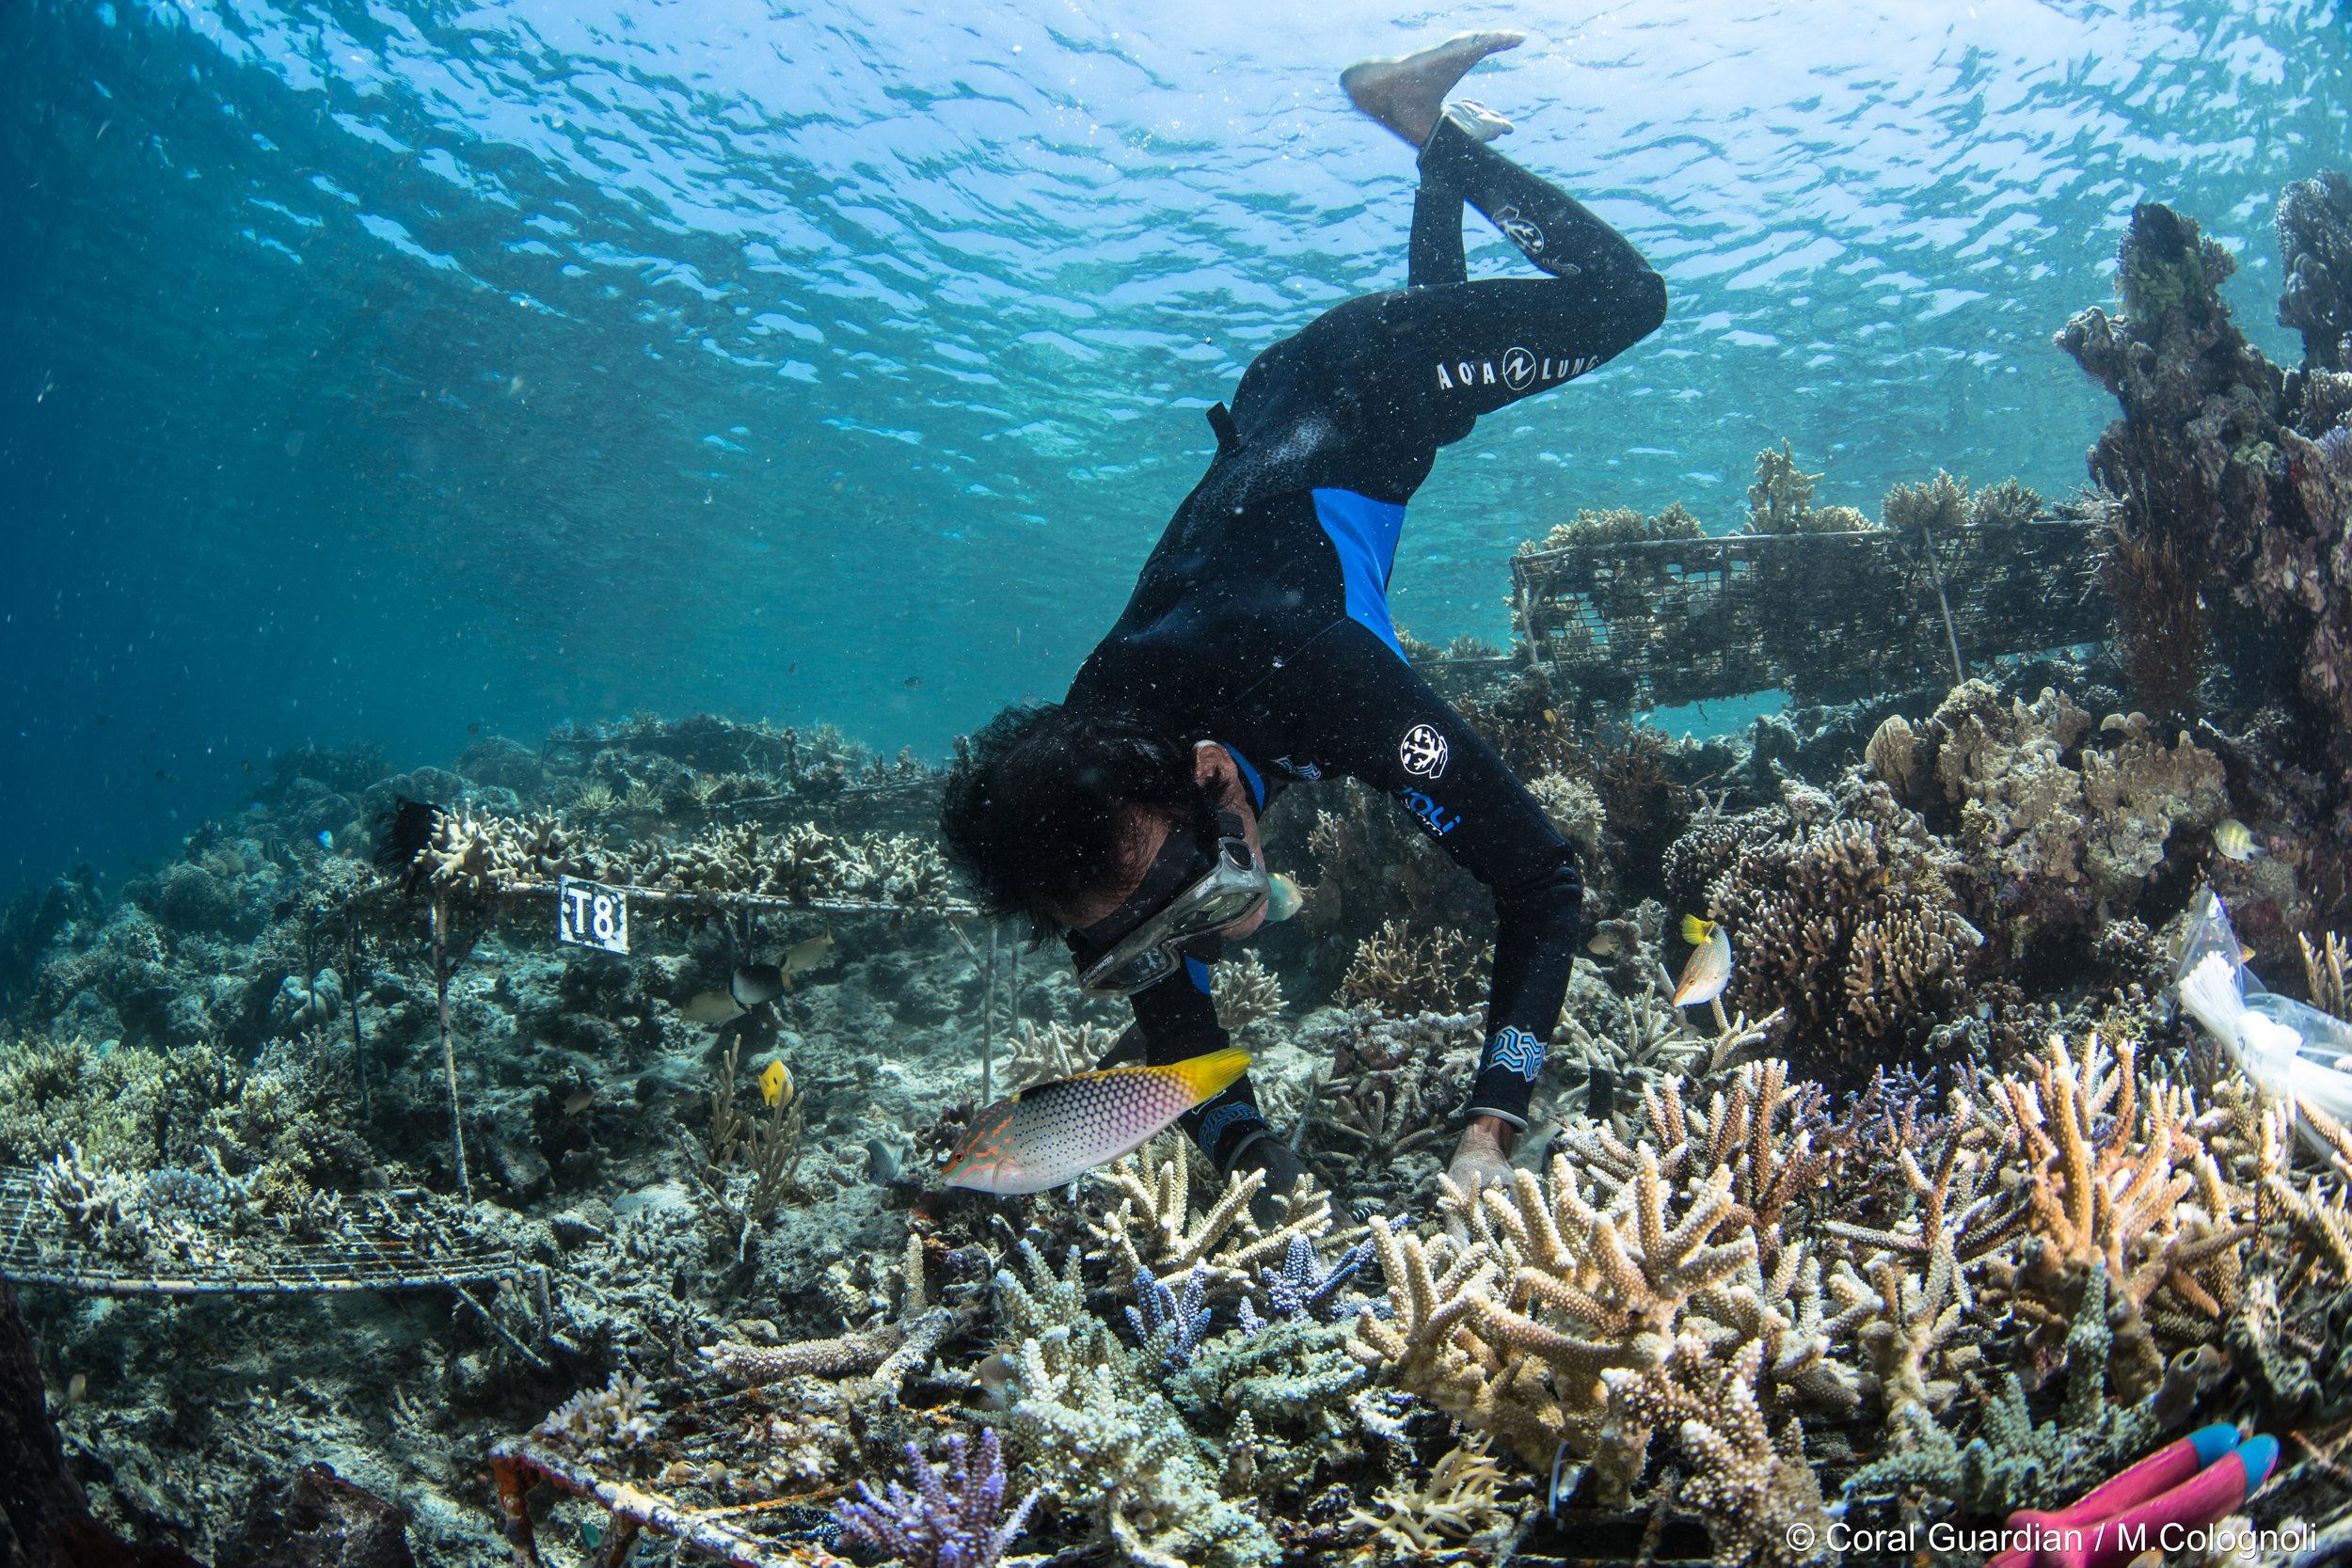 04 - A former fisherman plants corals CREDIT: MArtin COLOGNOLI